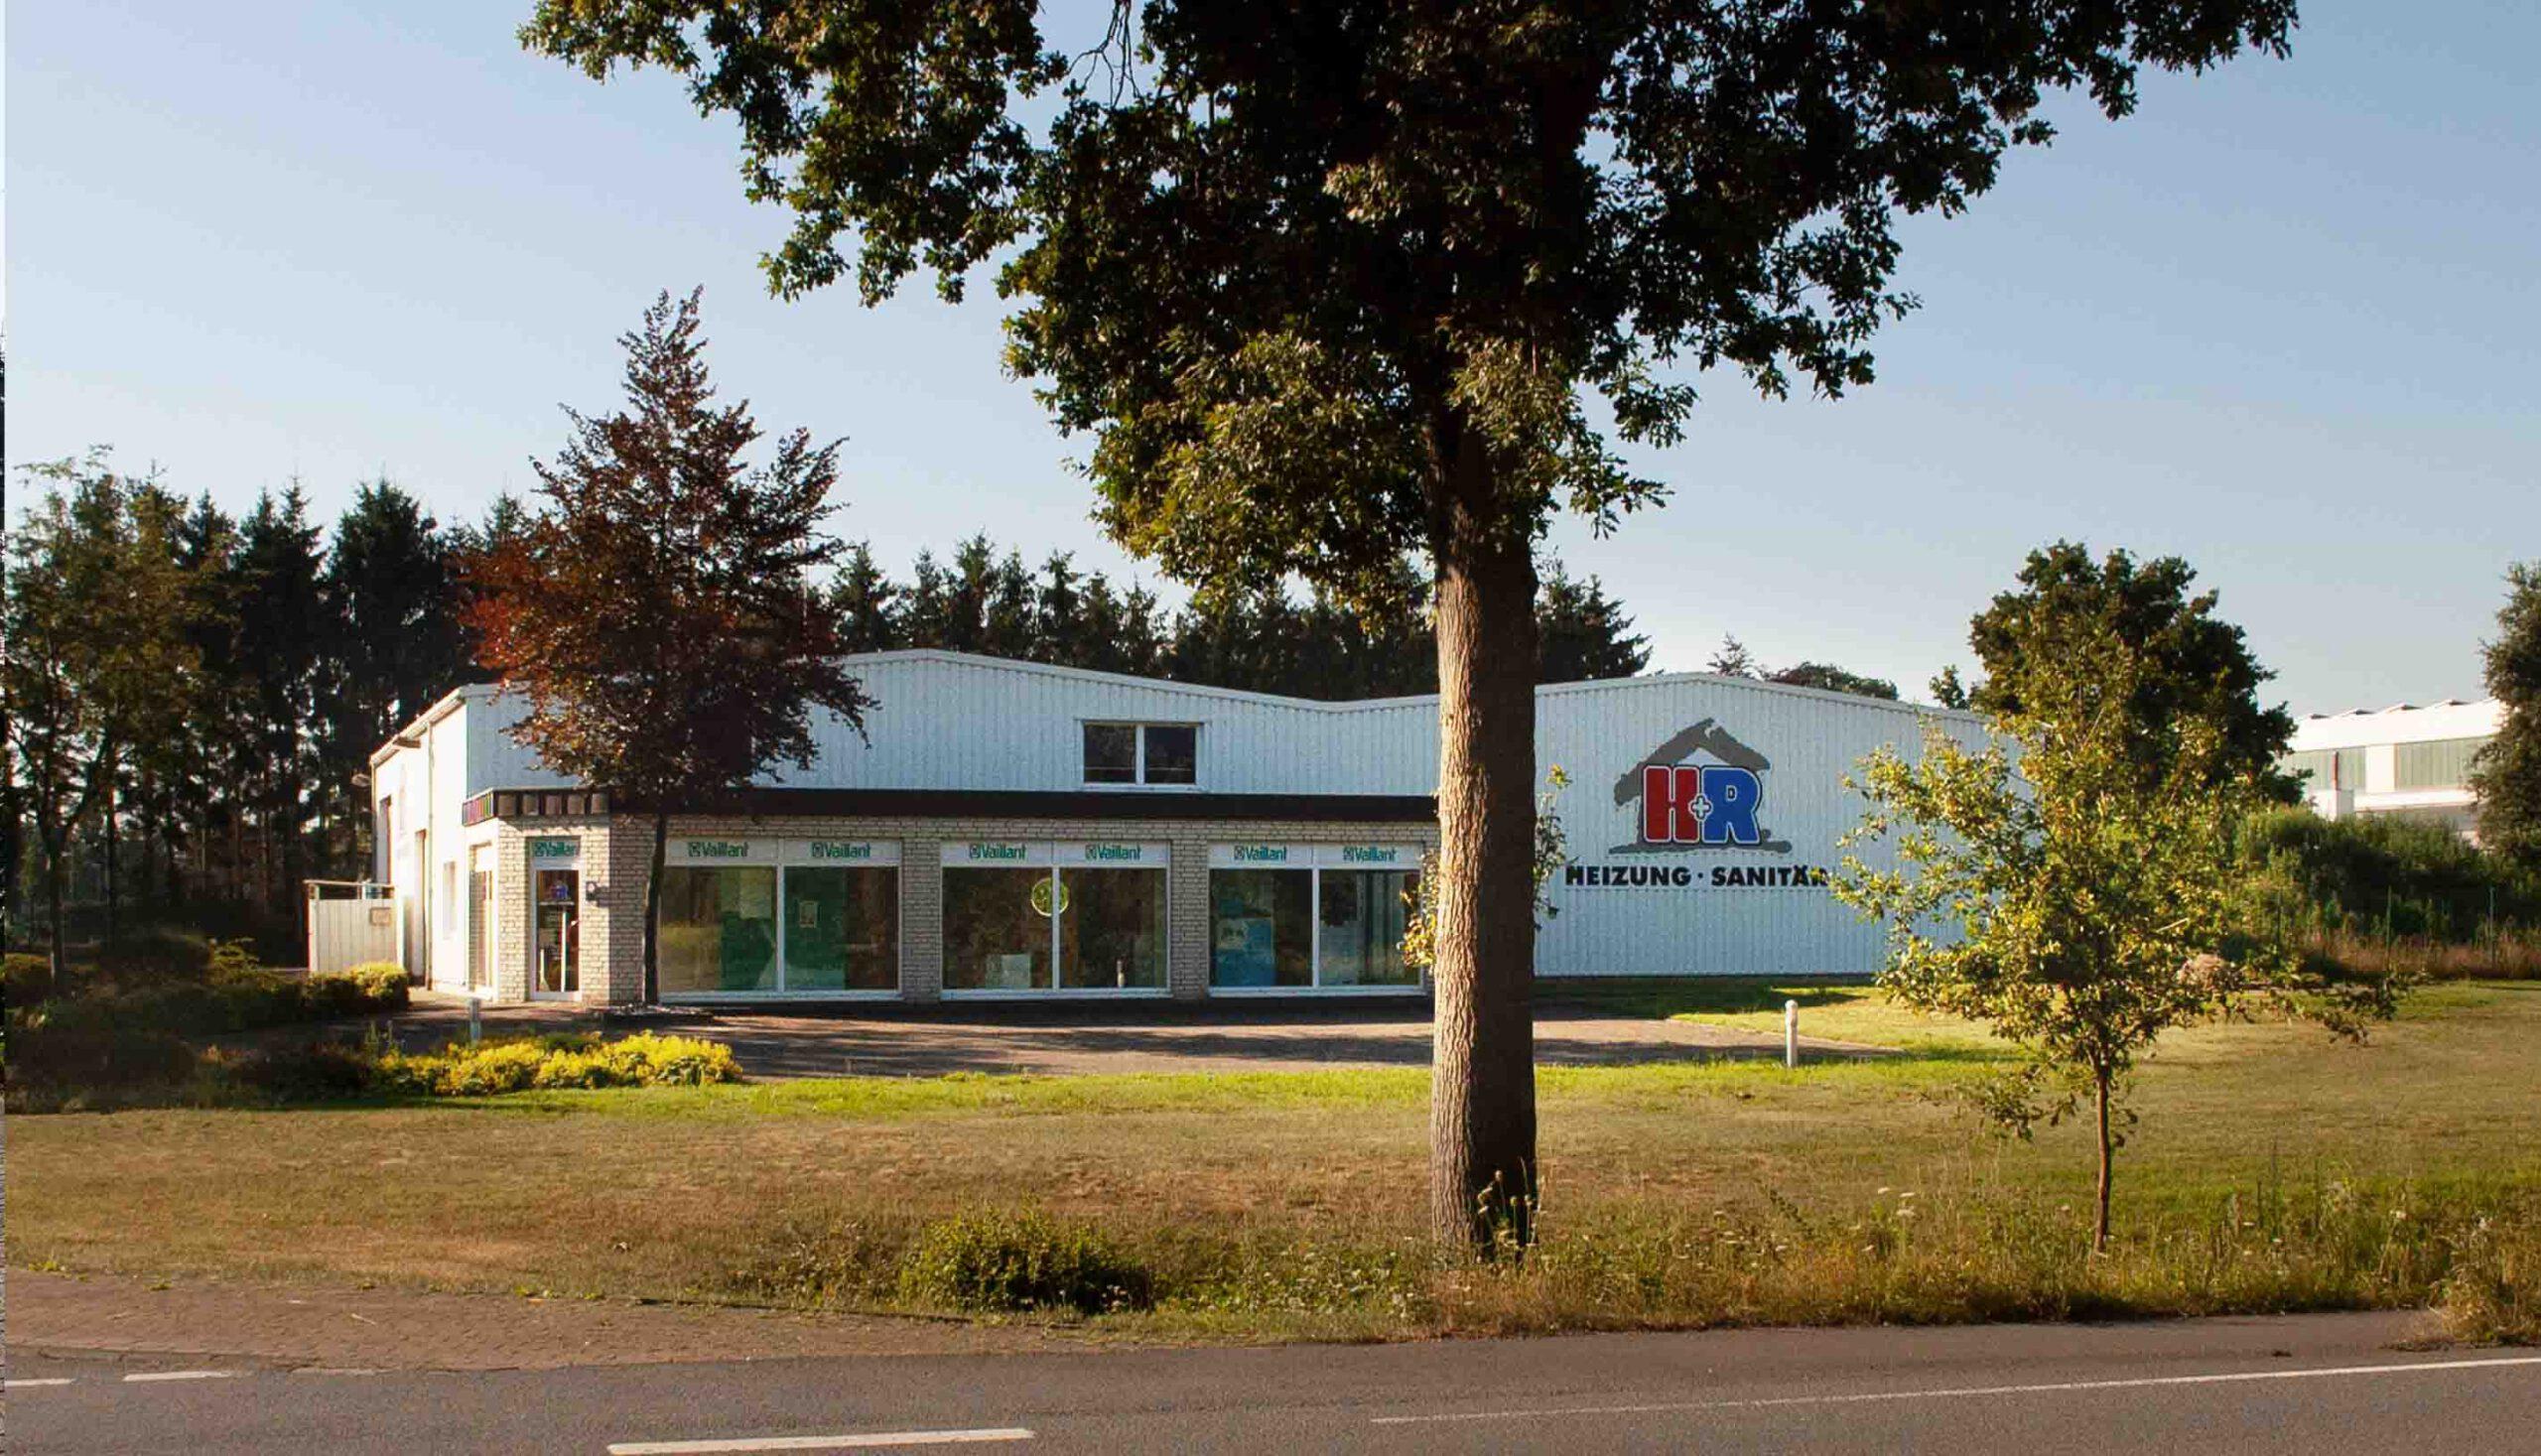 H+R Geschäft und Halle aus Richtung Nord-Osten gesehen